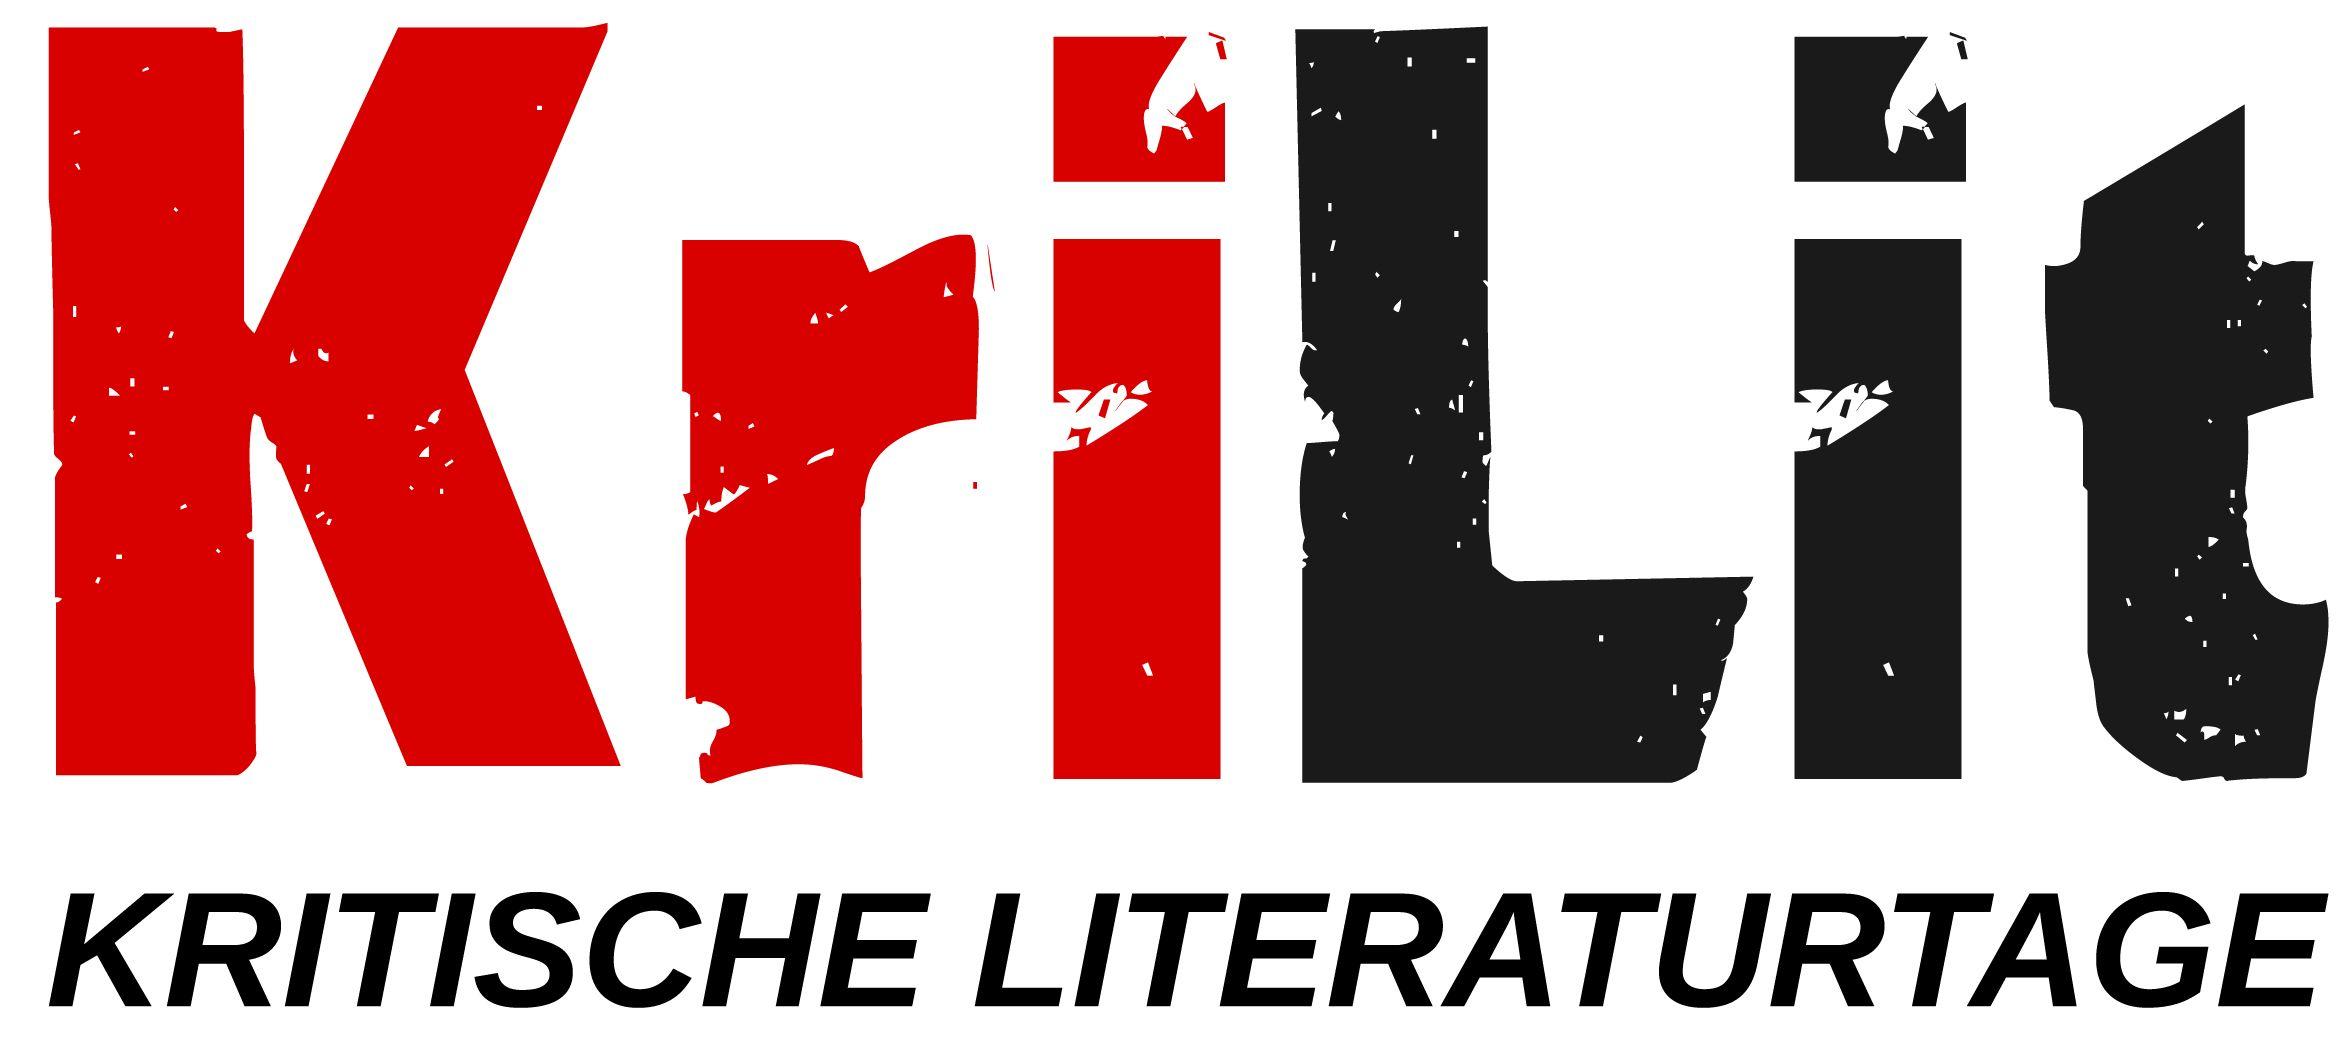 Kritische Literaturtage